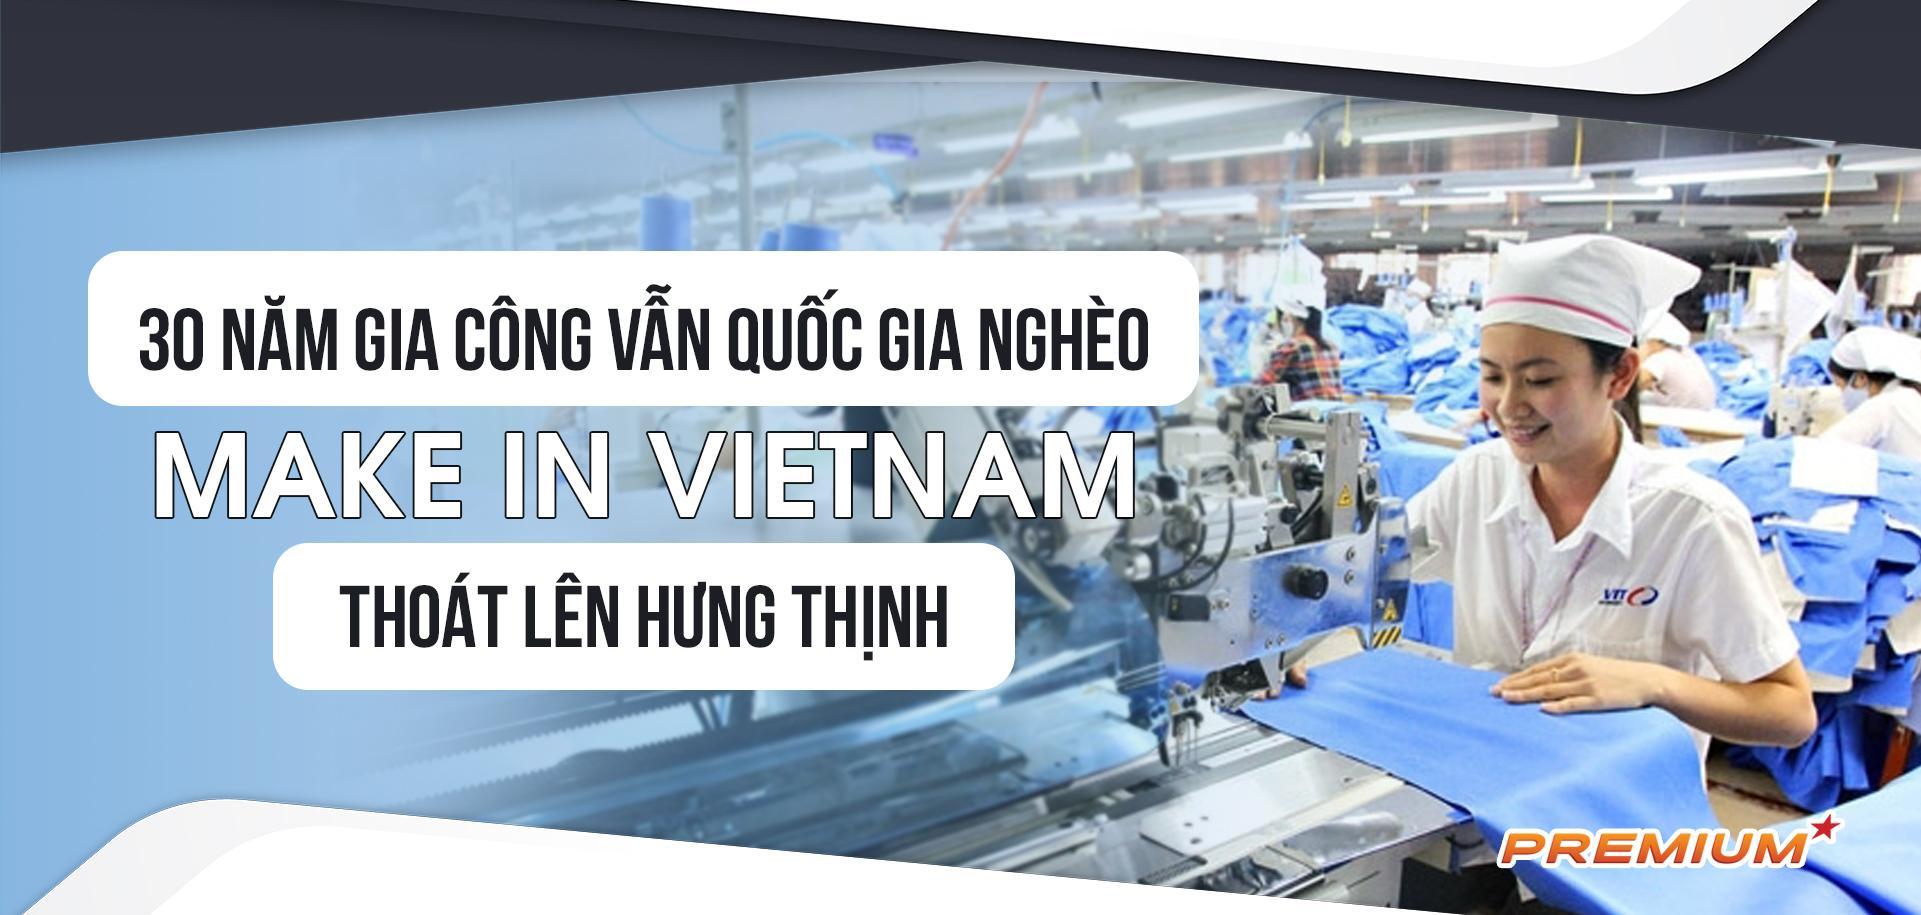 30 năm gia công vẫn quốc gia nghèo, Make in VietNam thoát lên hưng thịnh